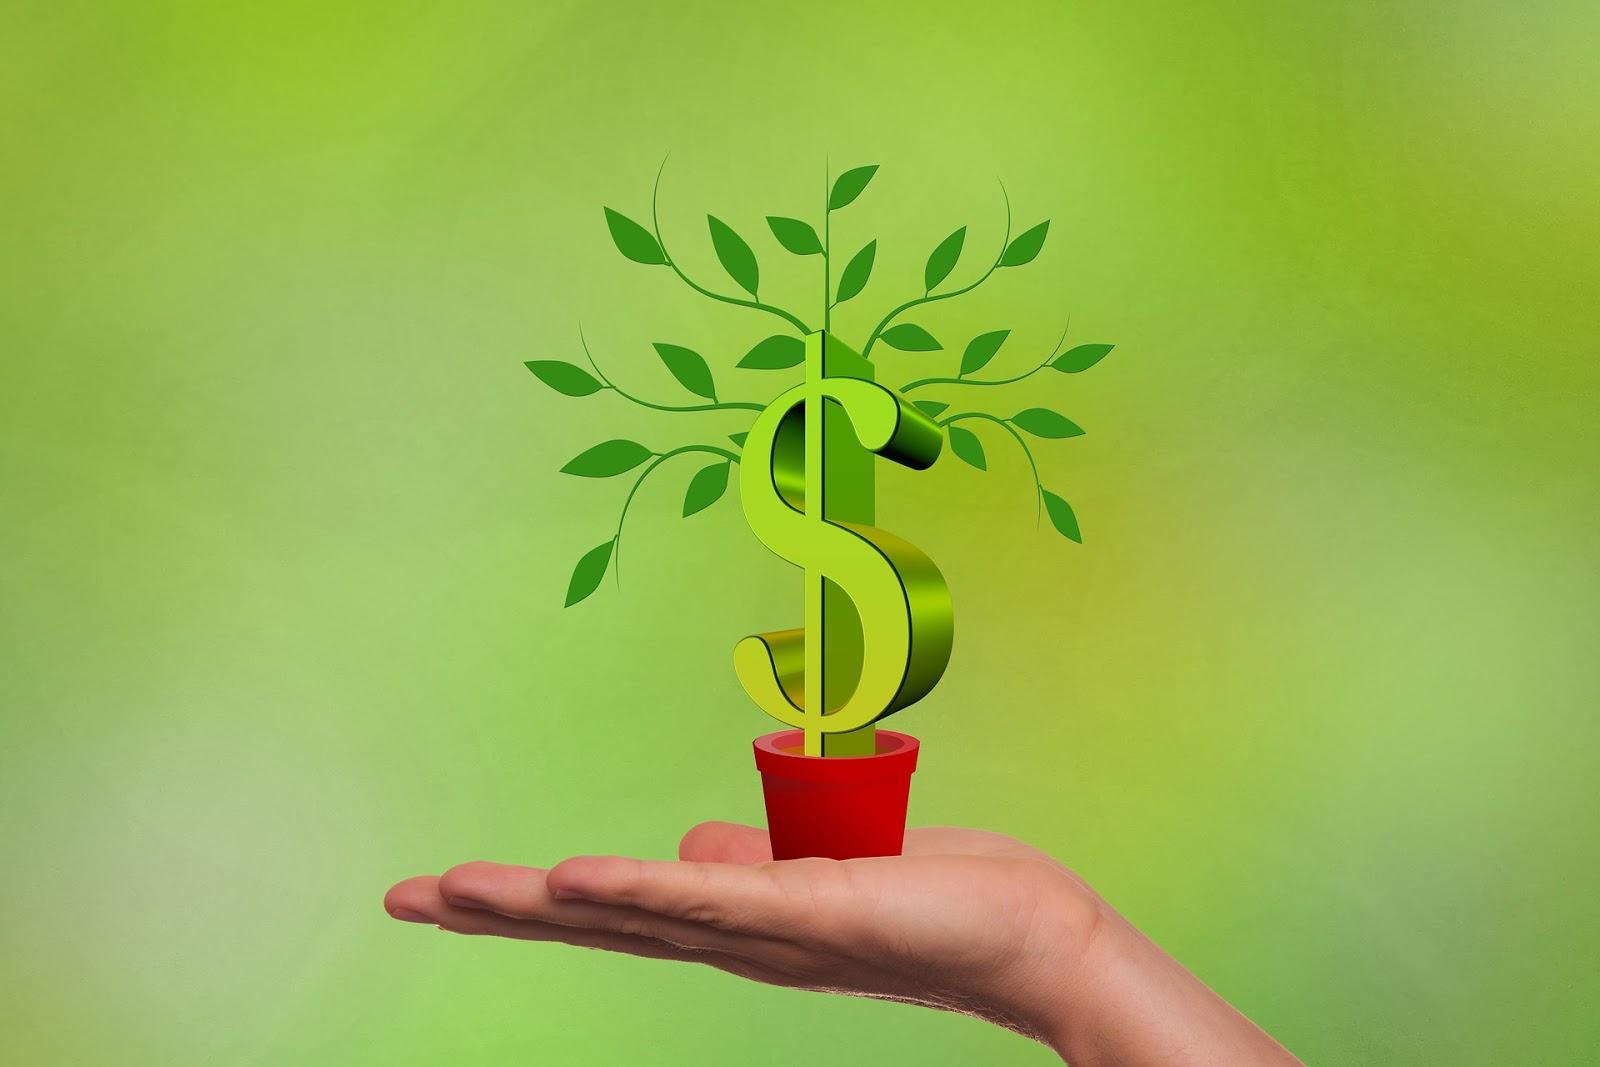 Lorisa\'s Savings Blog: Why I Love Shopping at Dollar Tree